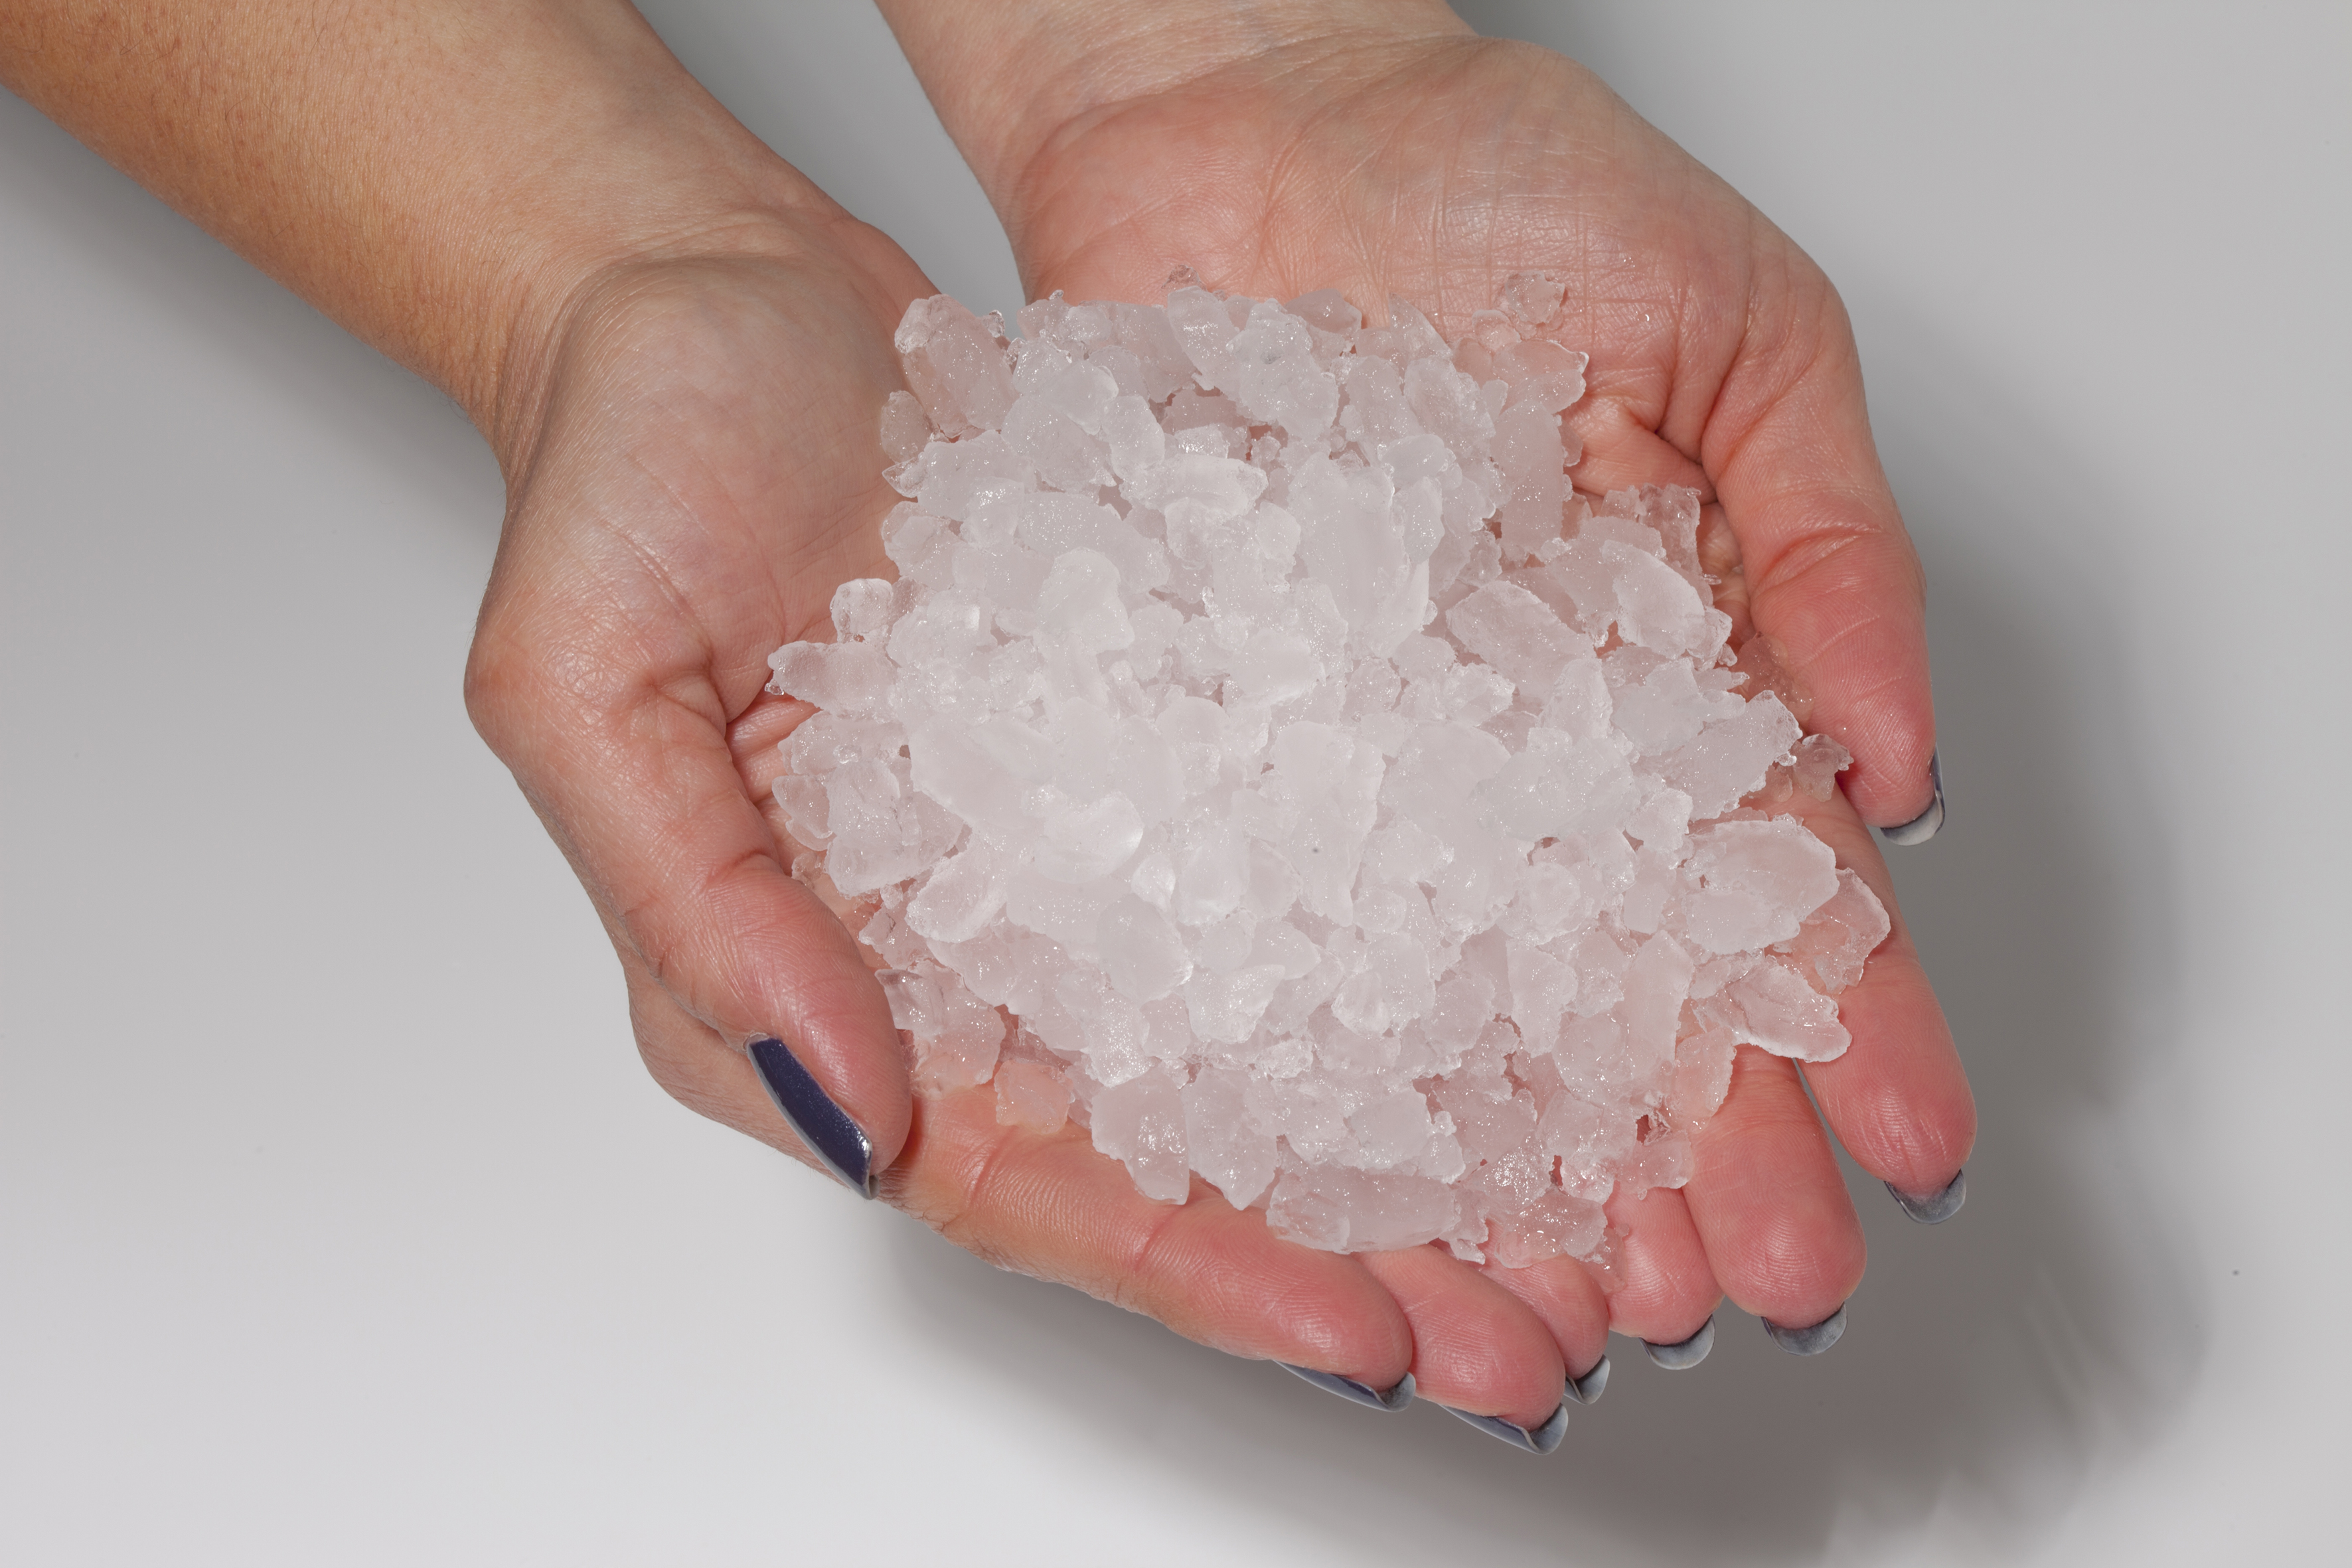 La dieta del hielo… ¿Mito o realidad?